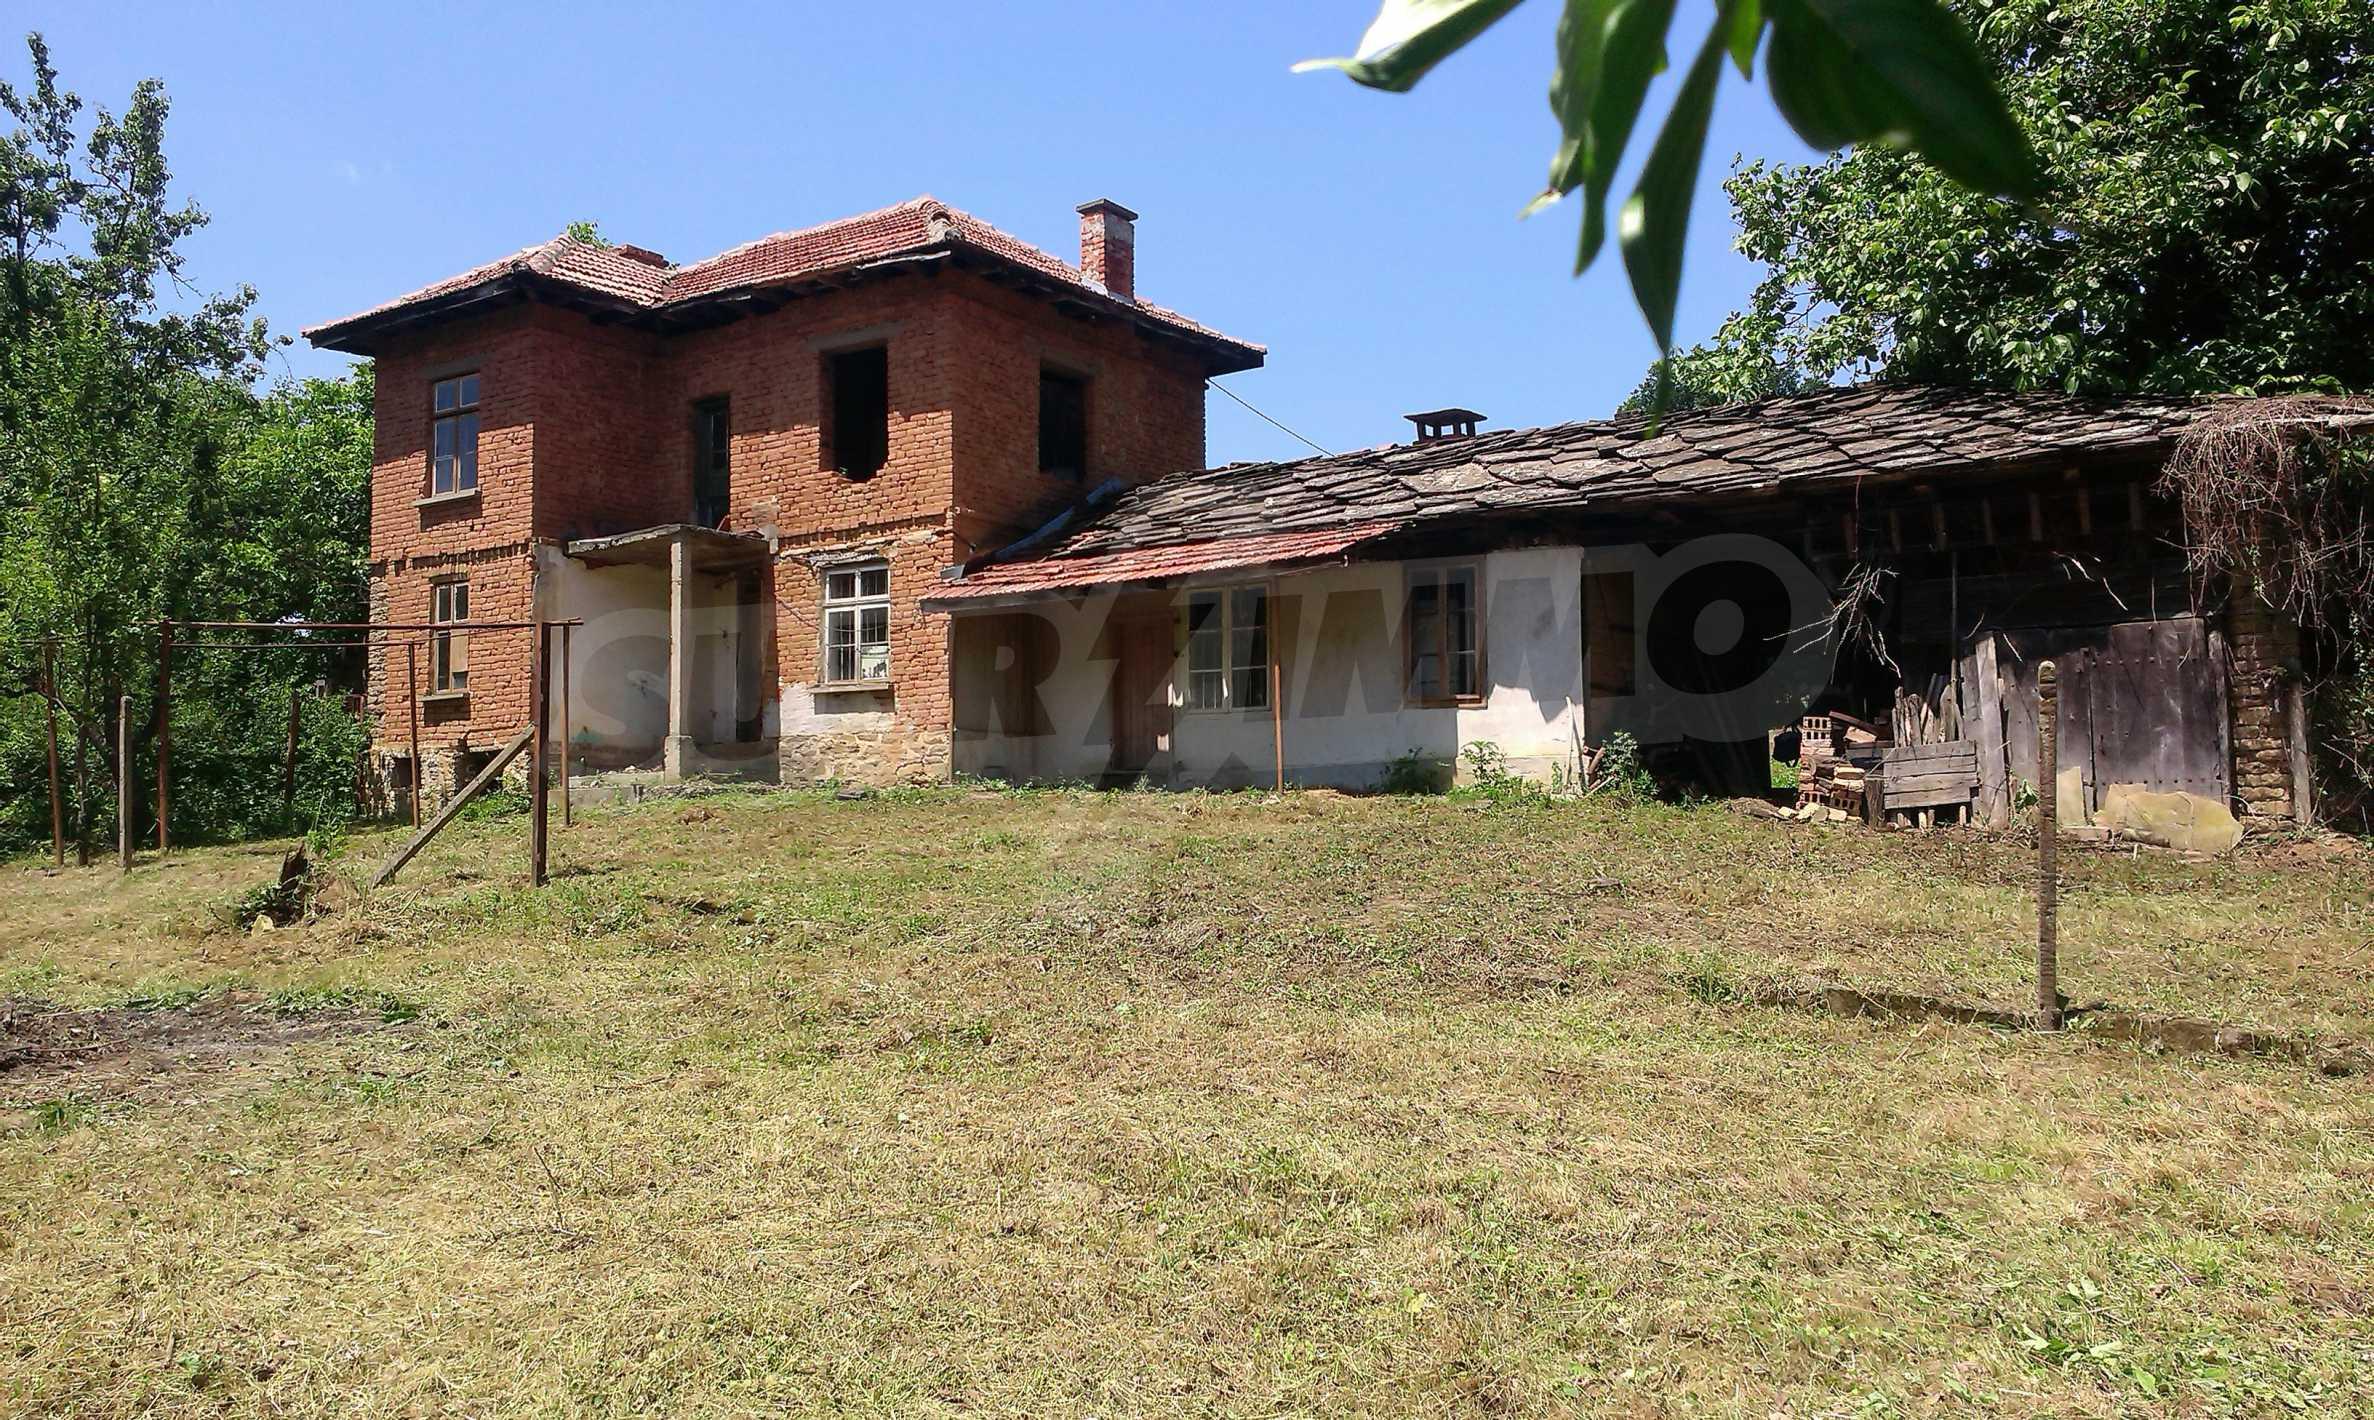 Двуетажна тухлена къща на 40 км от Велико Търново  28